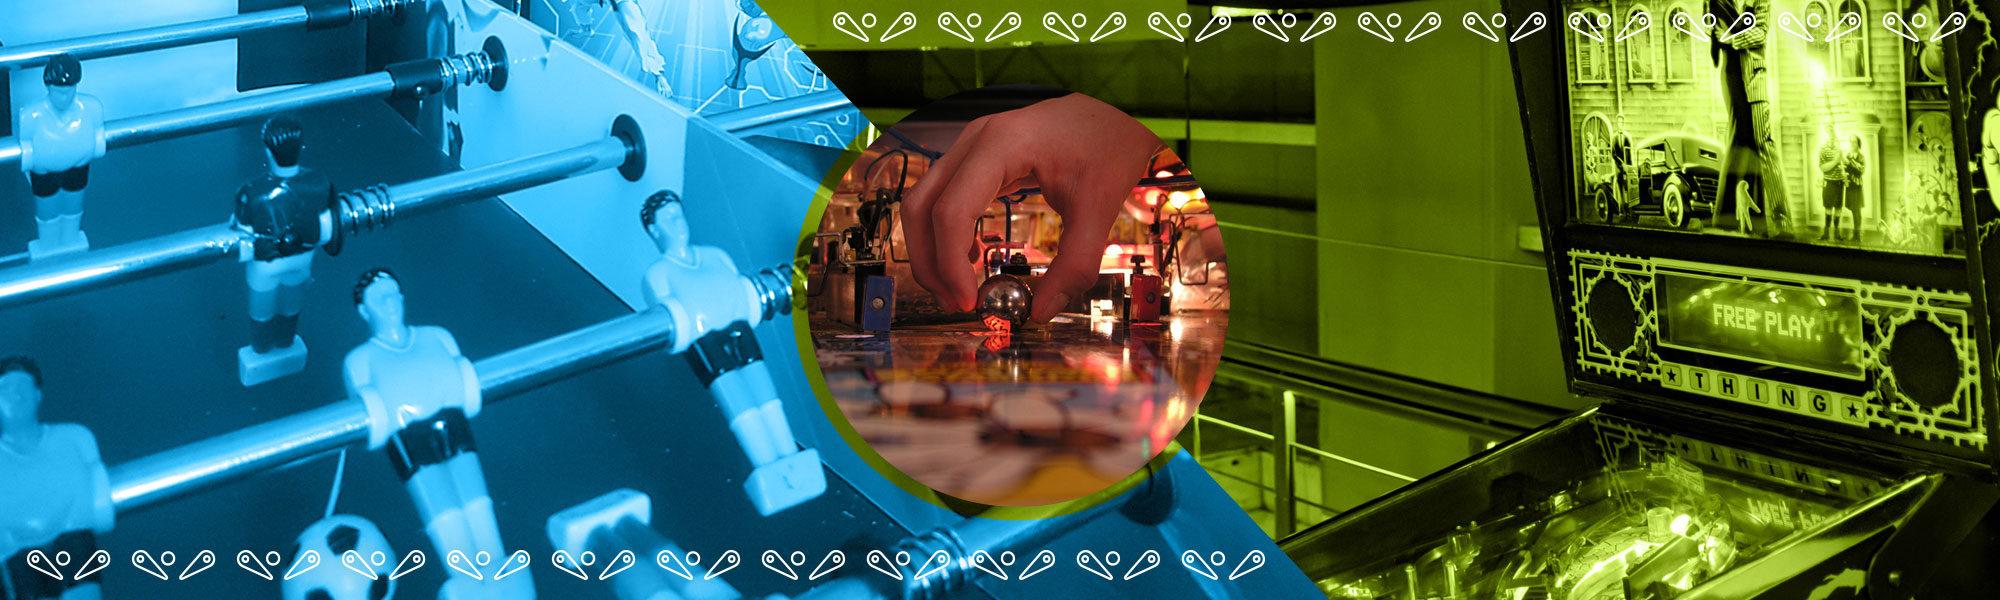 RLS'game : location, réparation et vente de jeux de café